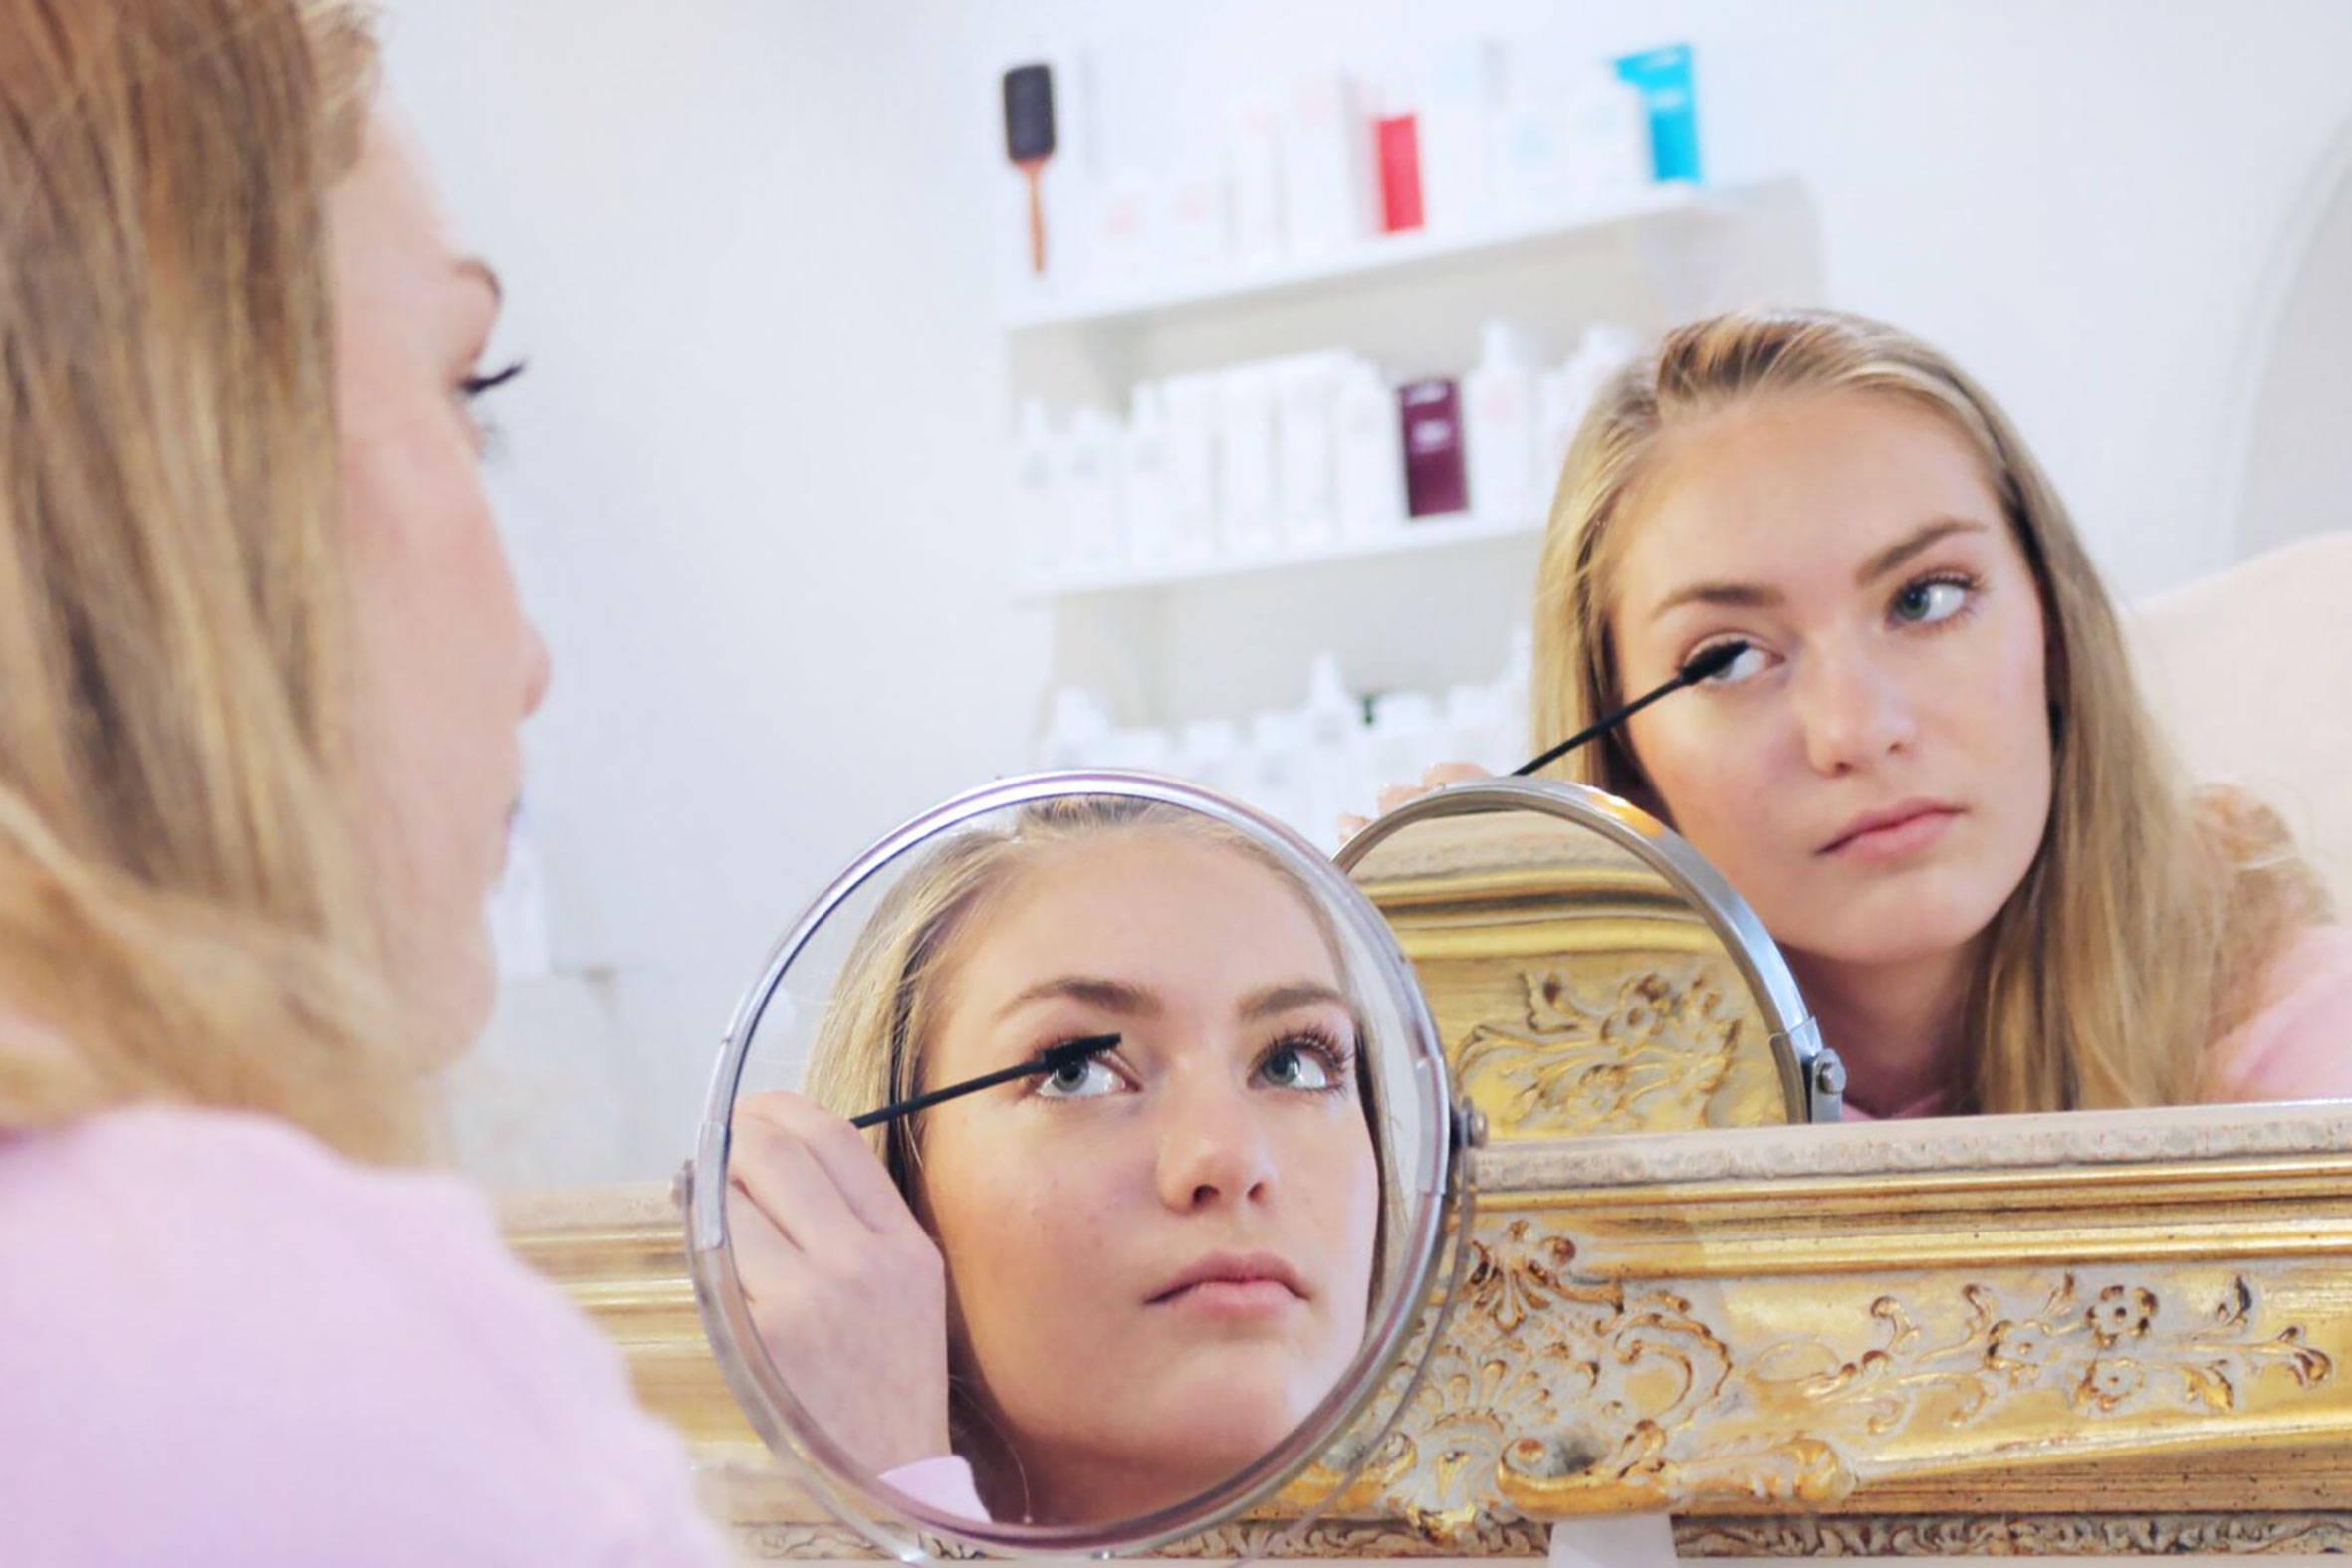 im teenie schminkkurs wird typgerechtes schminken erlernt